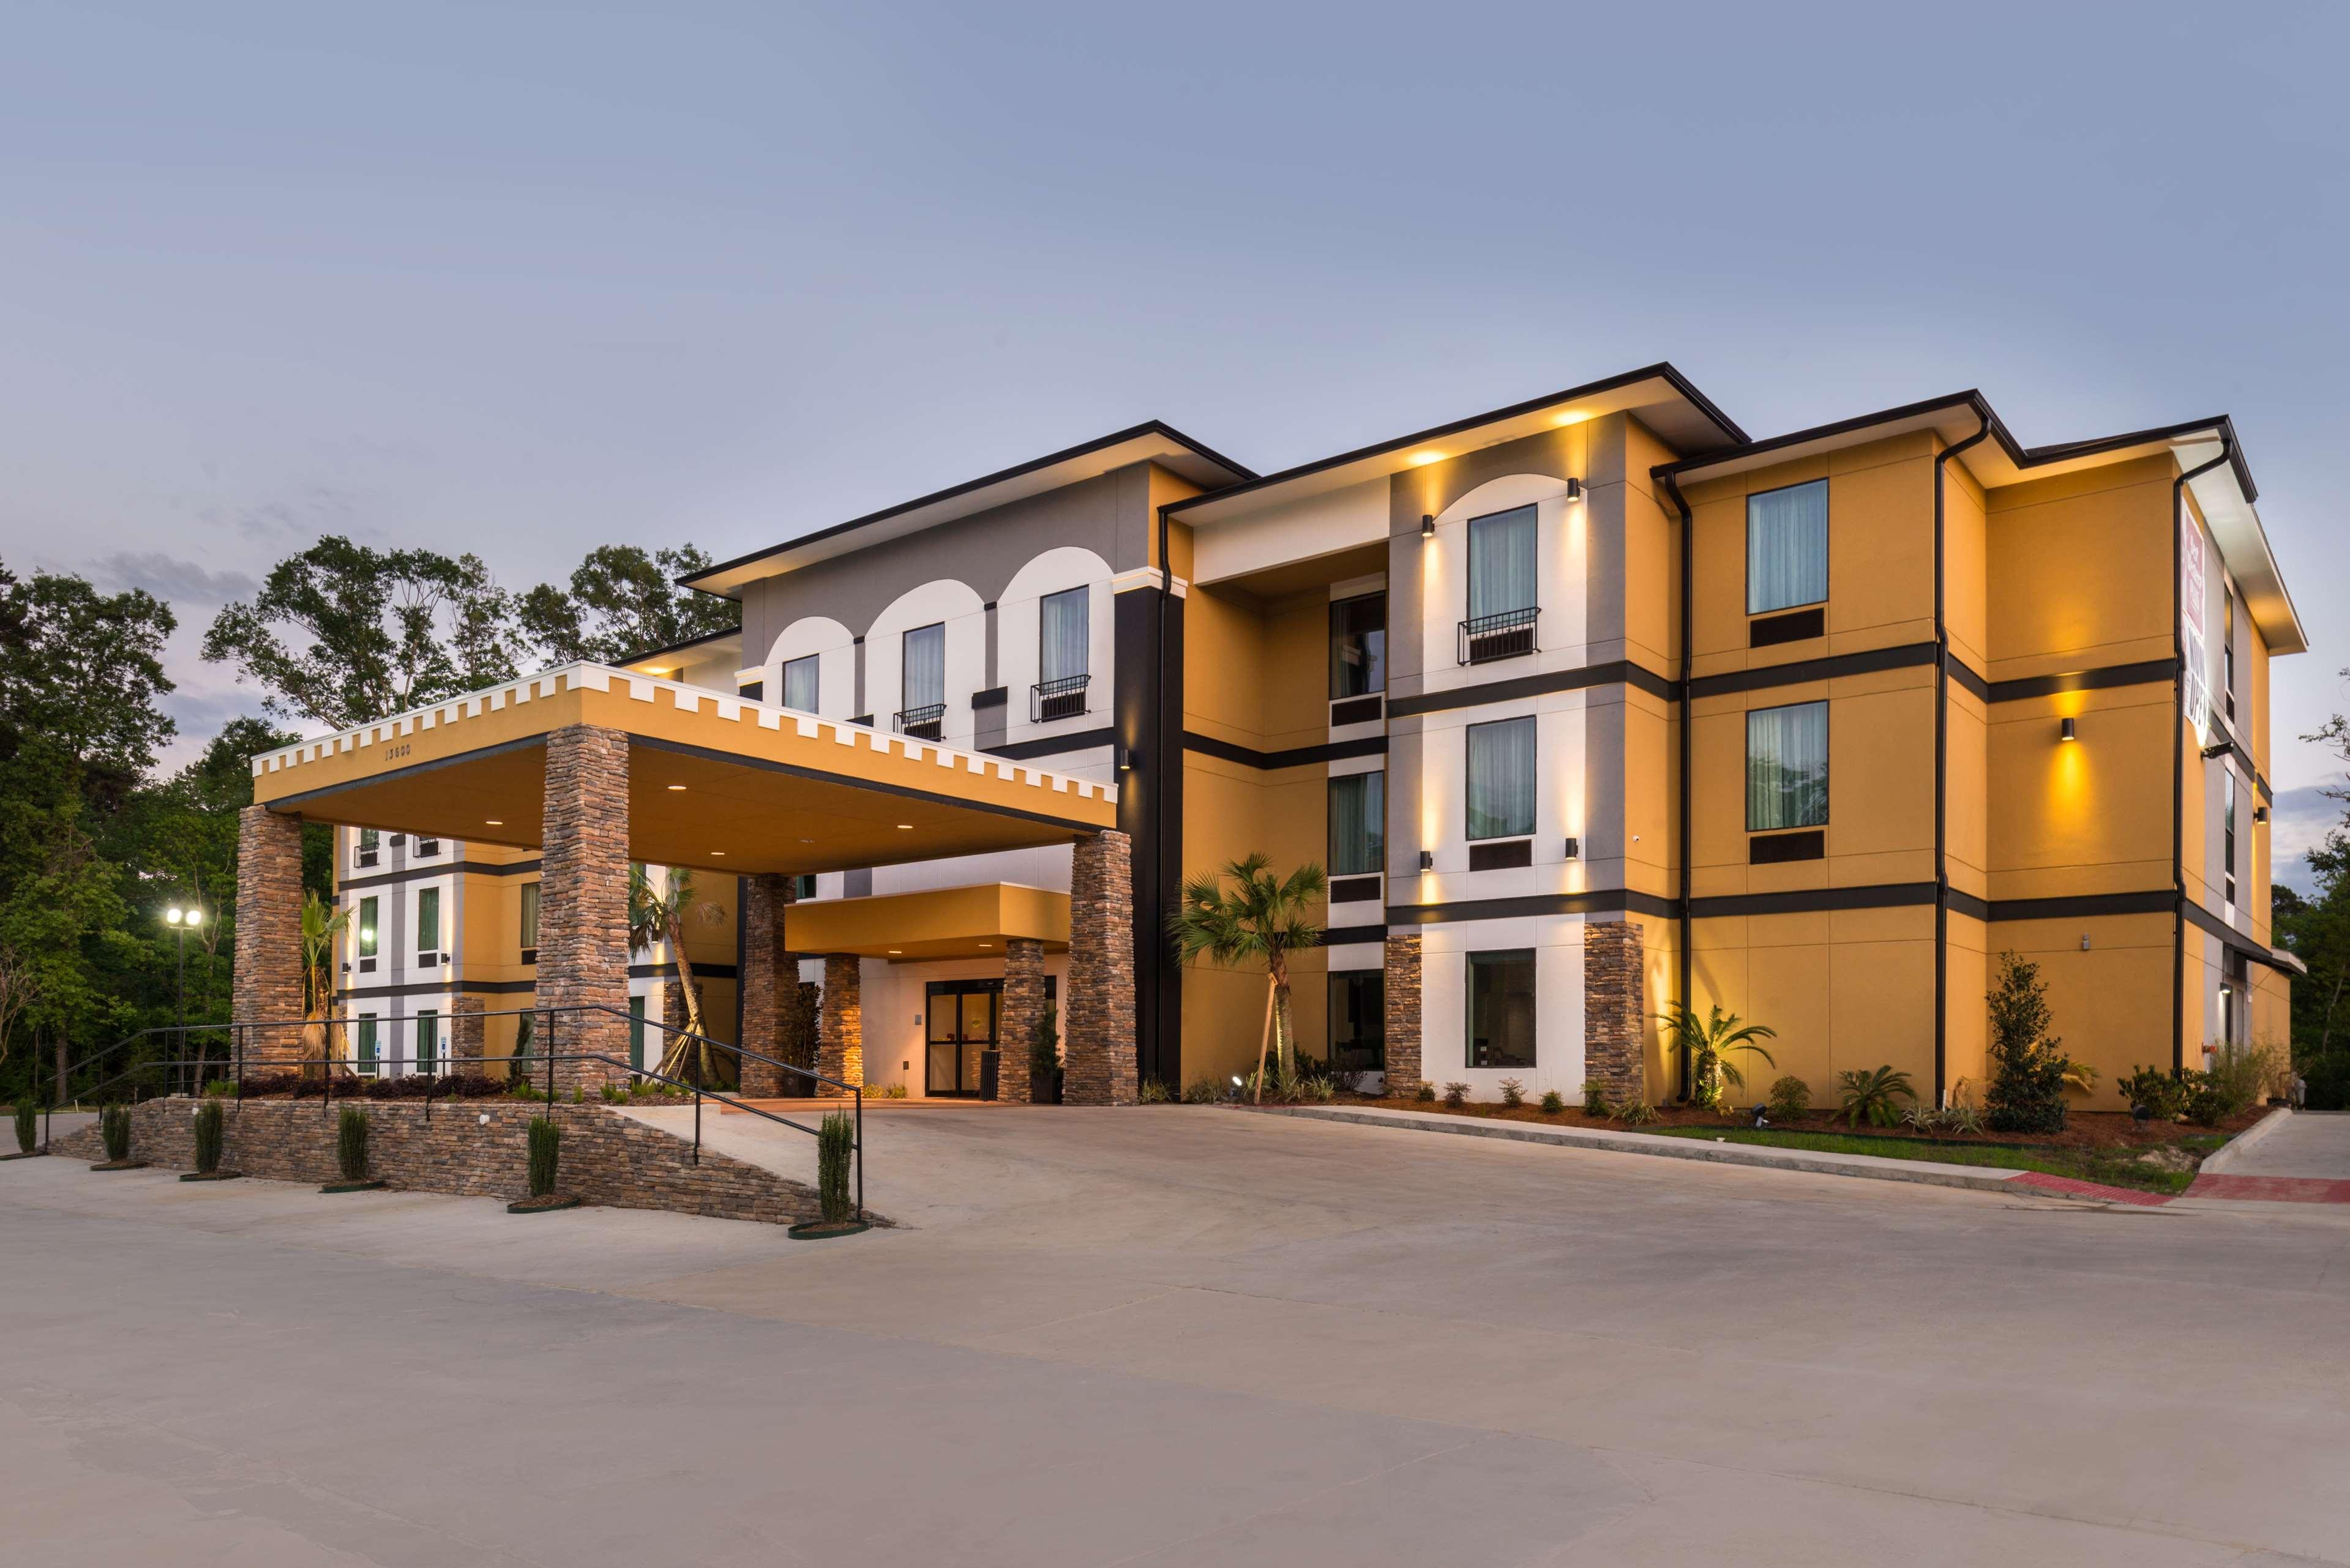 Best Western Plus Regency Park Hotel image 0